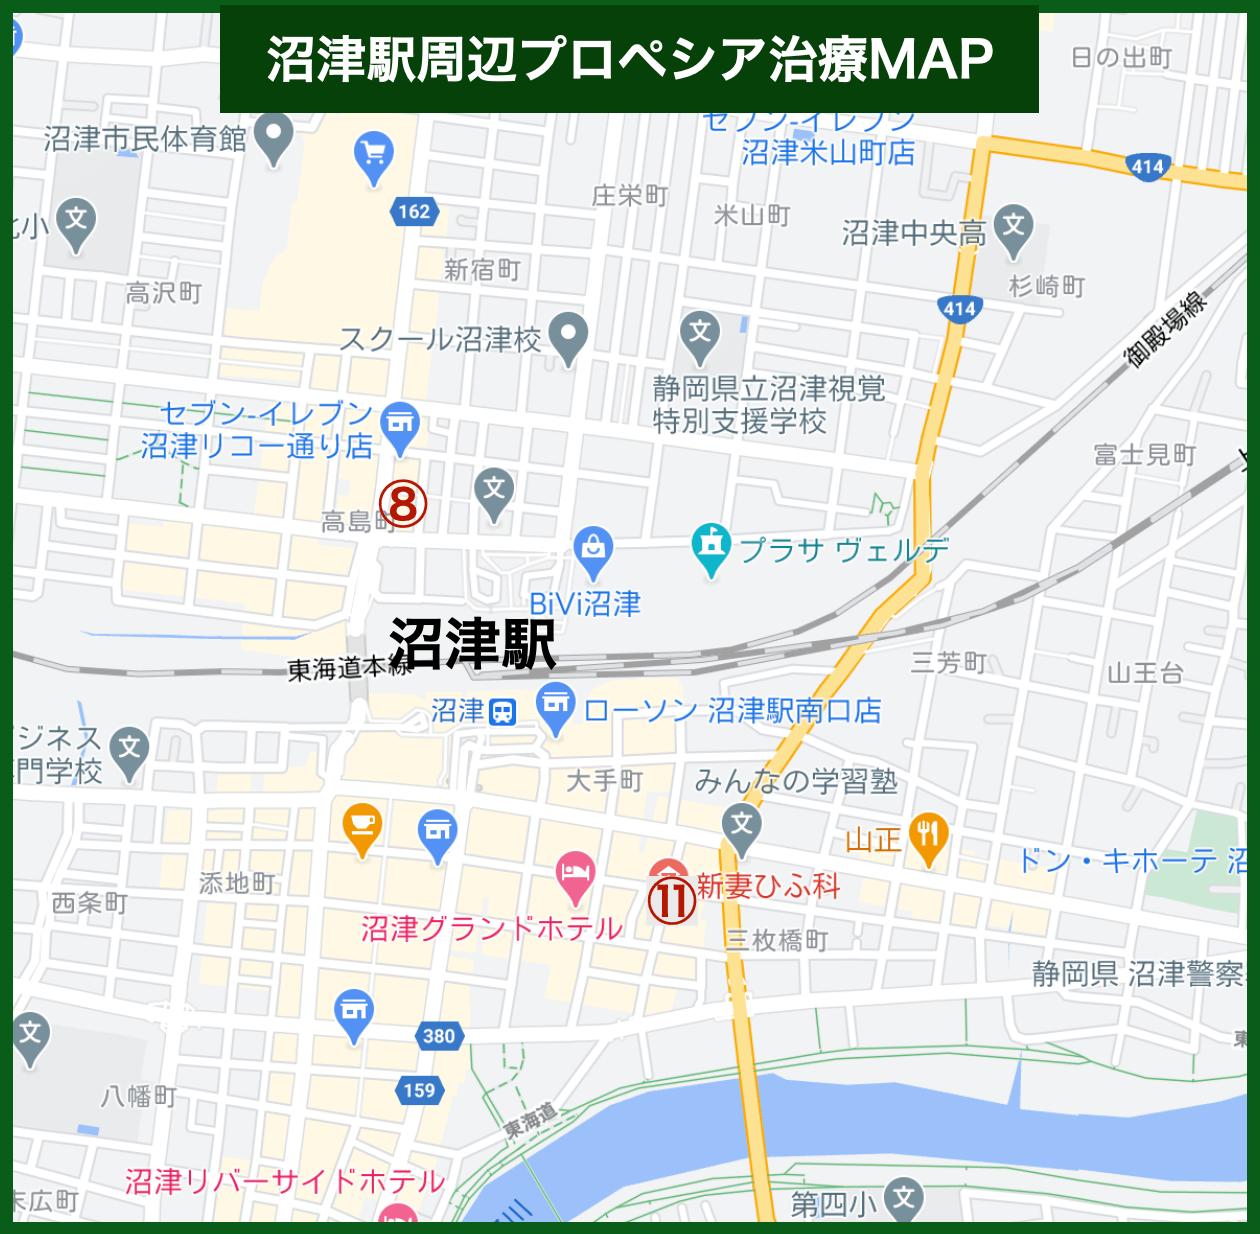 沼津駅周辺プロペシア治療MAP